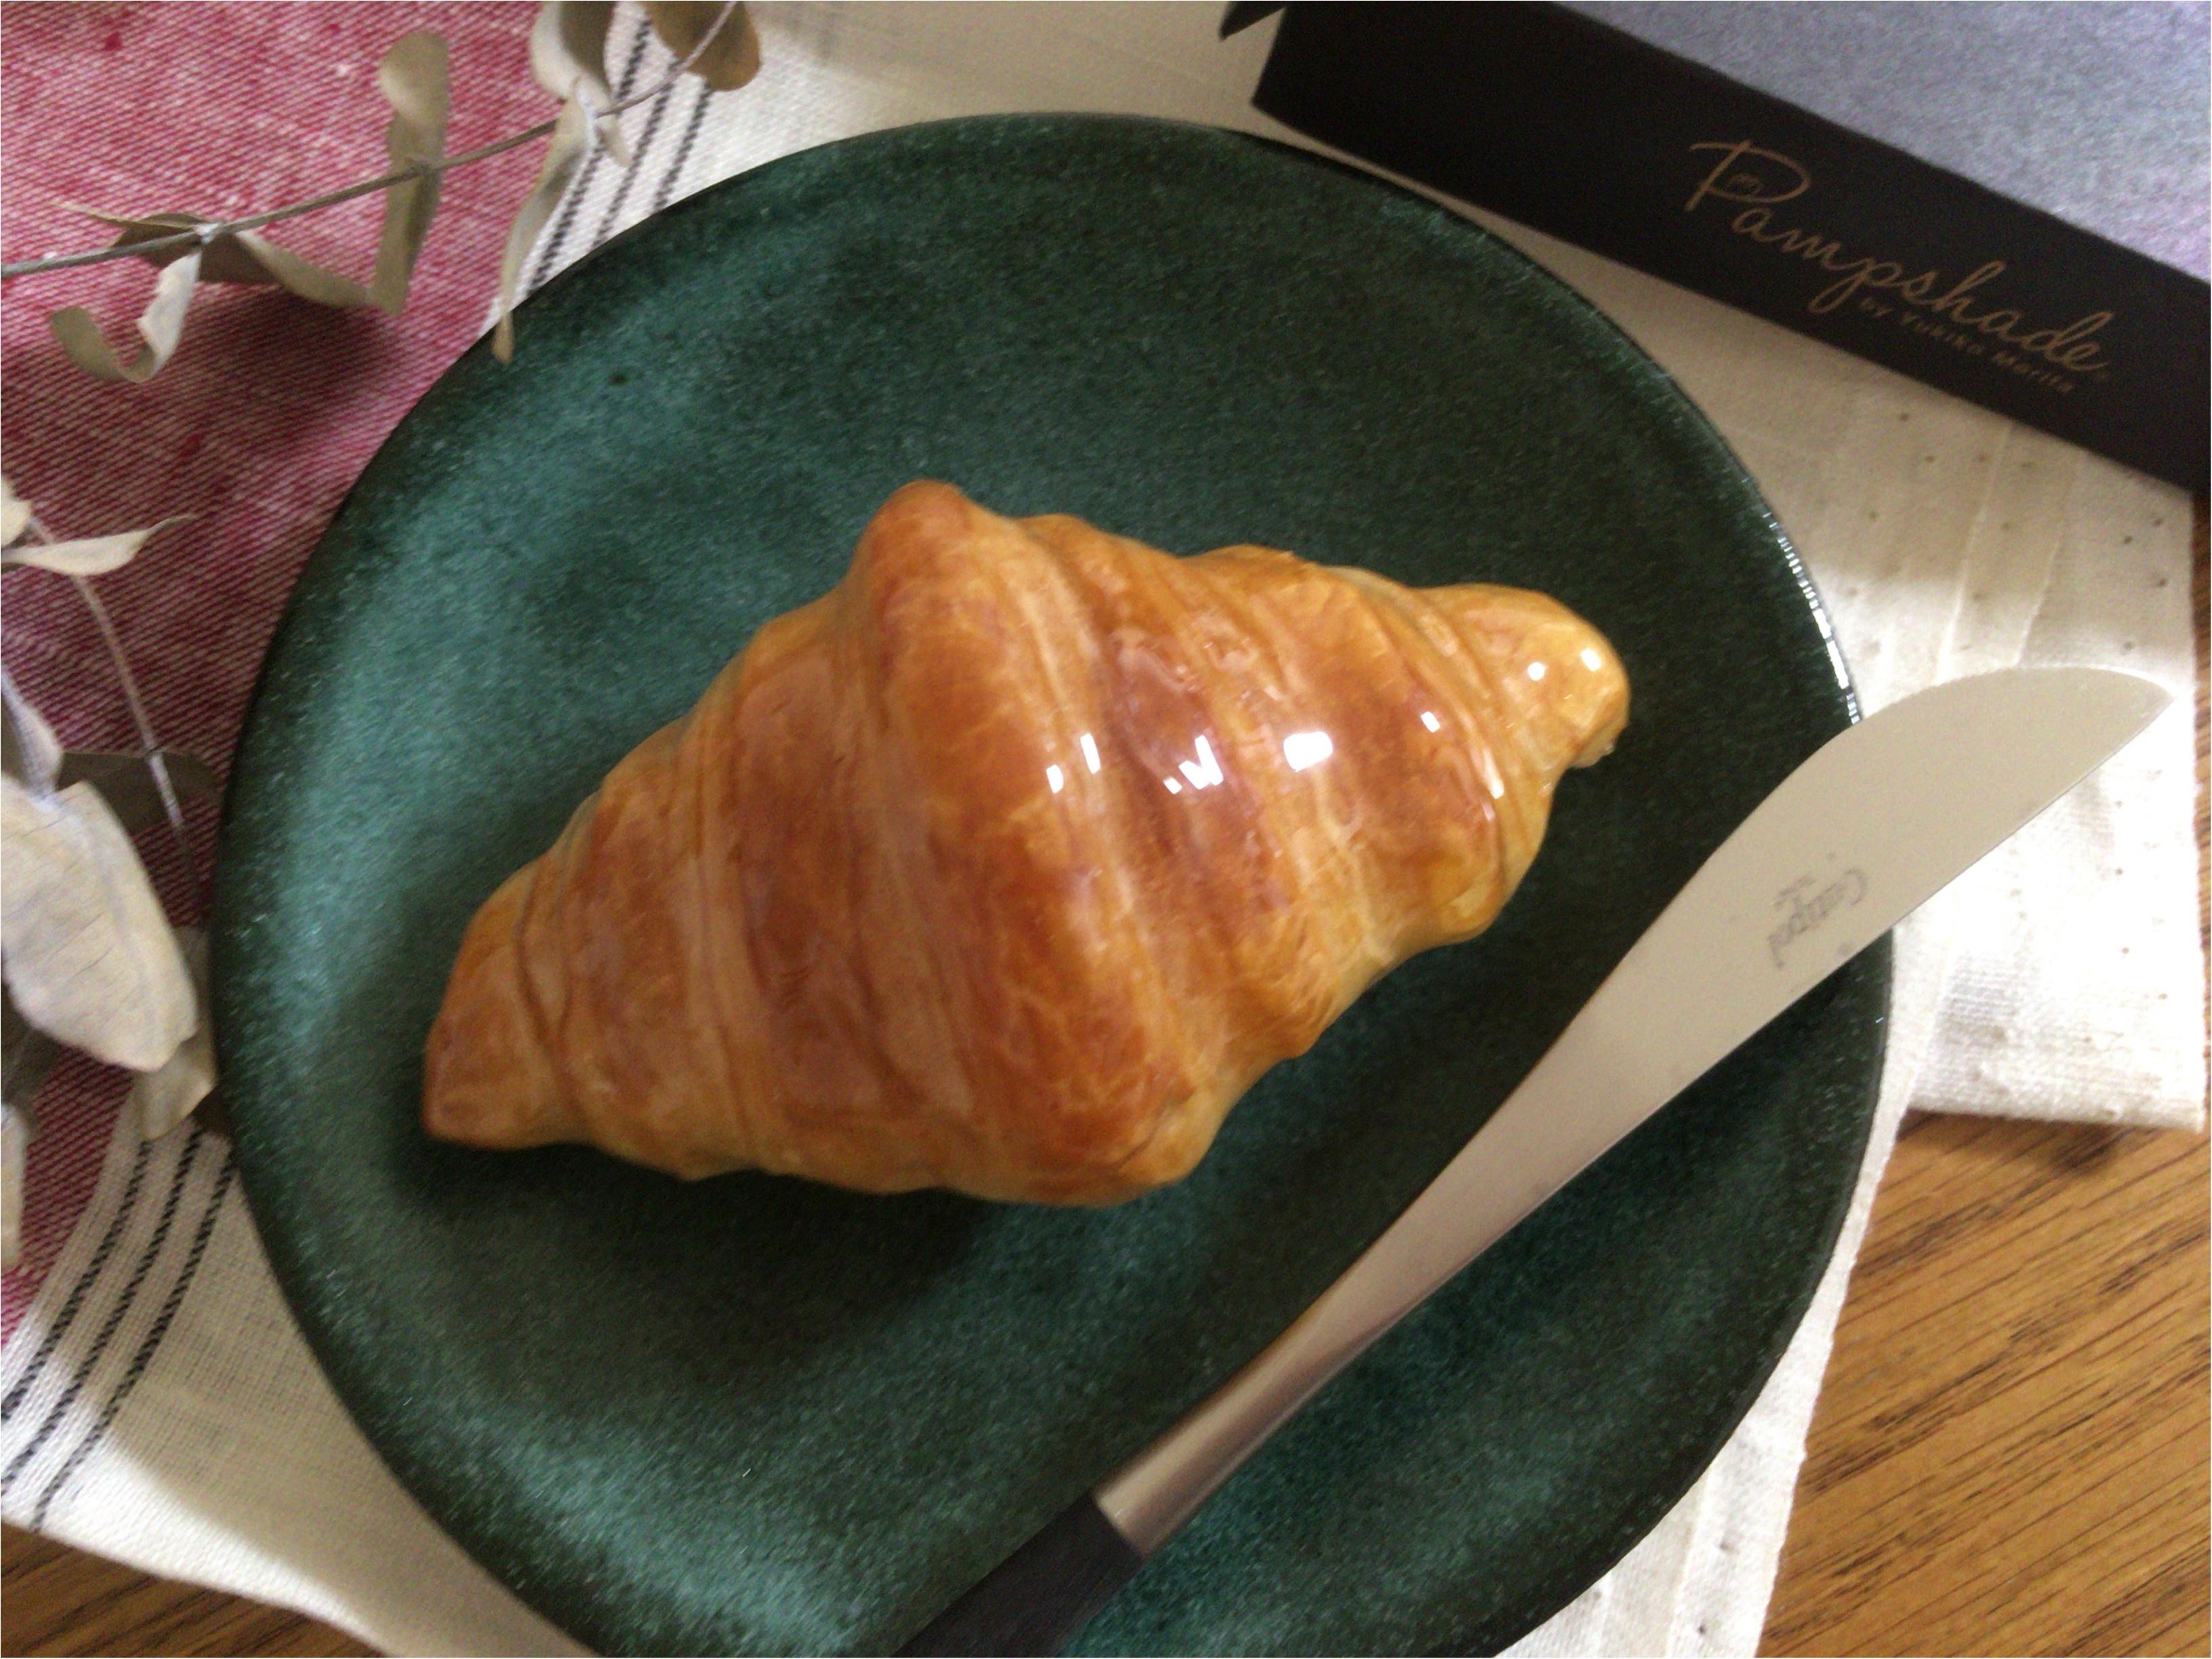 本物のパンでライト?クロワッサンが可愛い《パンプシェード》って何?なインテリア雑貨を見つけました!_8